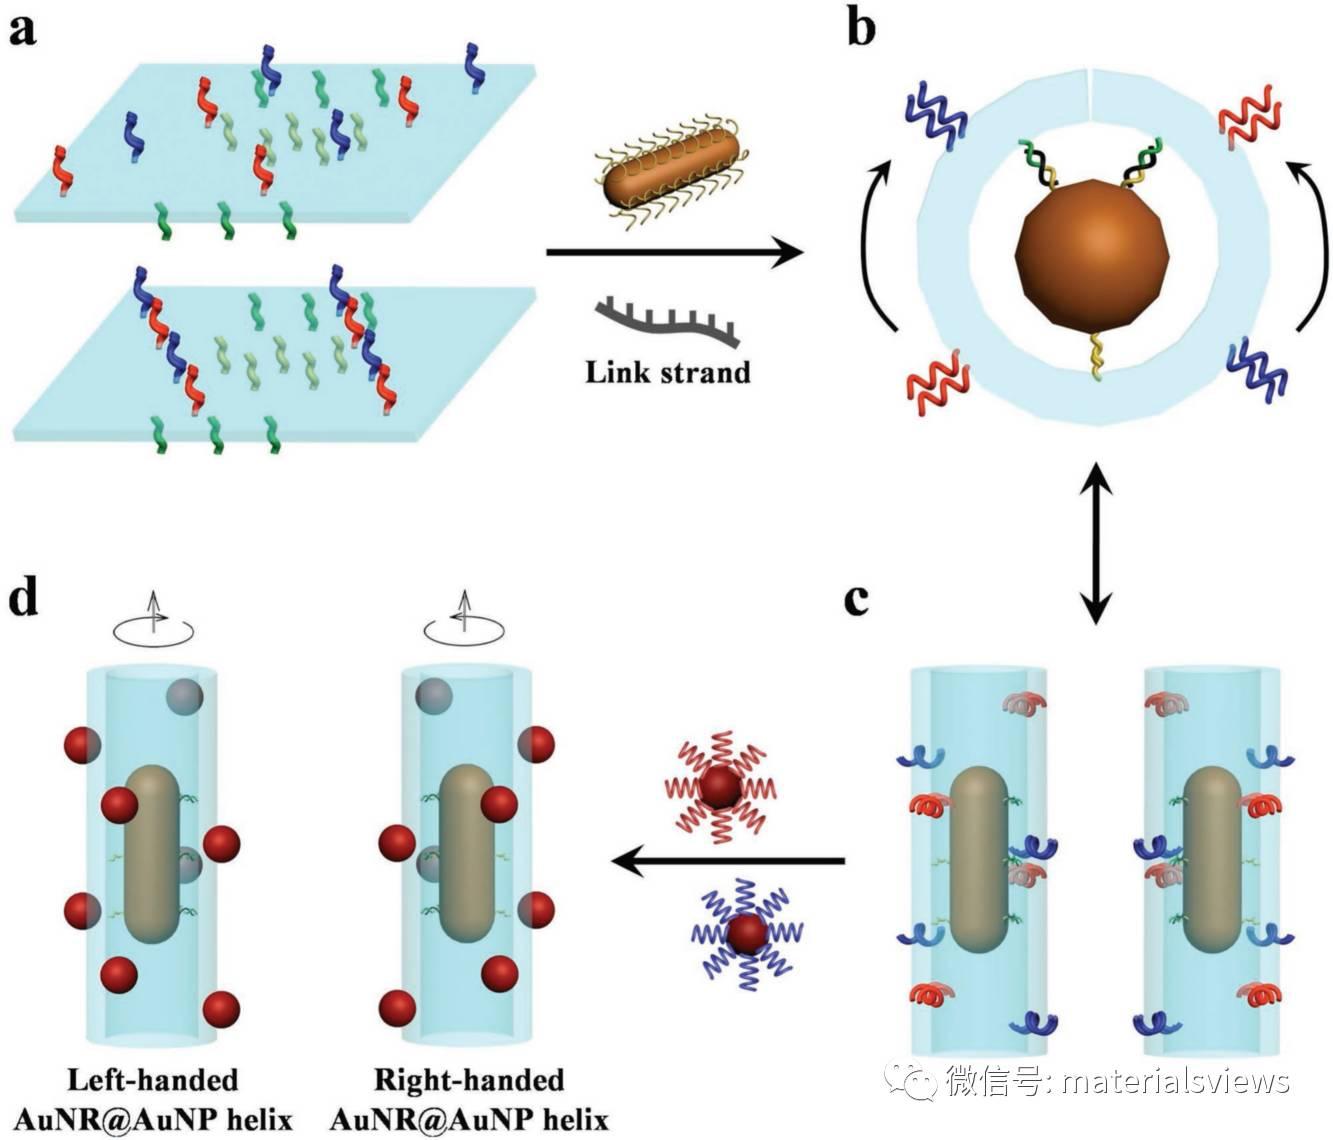 利用DNA折纸术构建金纳米棒@金纳米粒子手性螺旋超结构